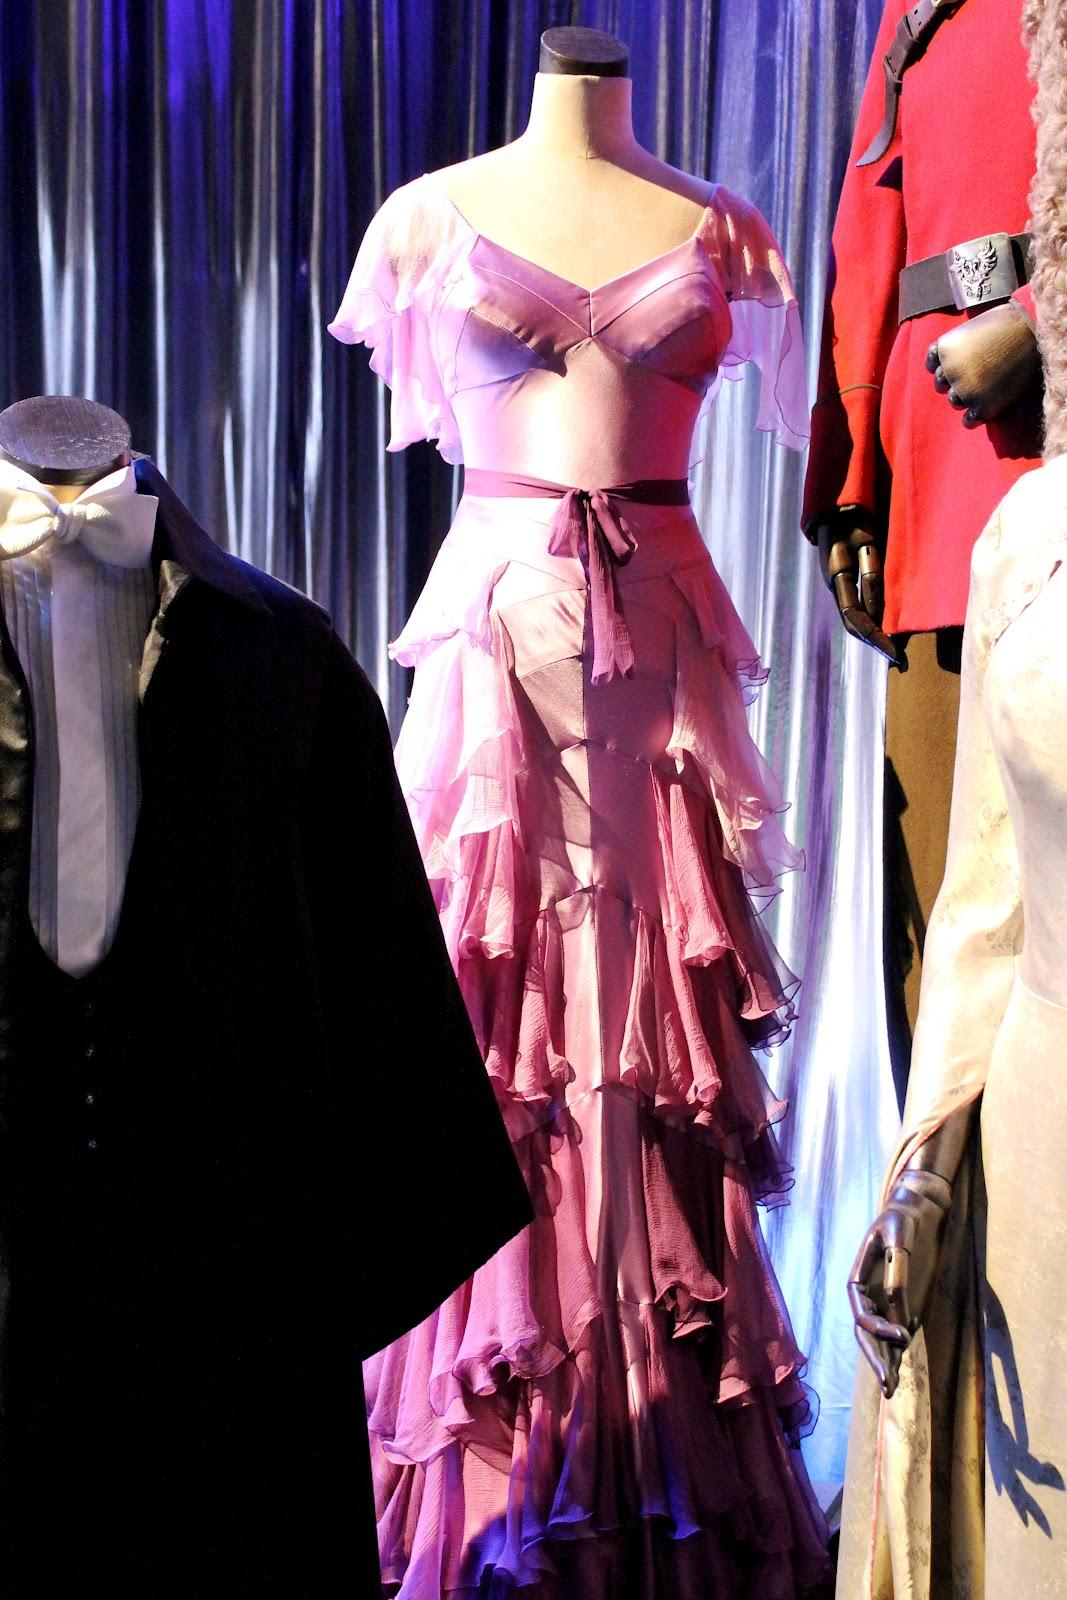 http://4.bp.blogspot.com/-ikU9h3lmPQU/UBr7QgzIAHI/AAAAAAAALLg/HaM1T9Gliwc/s1600/Emma+Watson+pink+dress+ball+Hermione+film.jpg